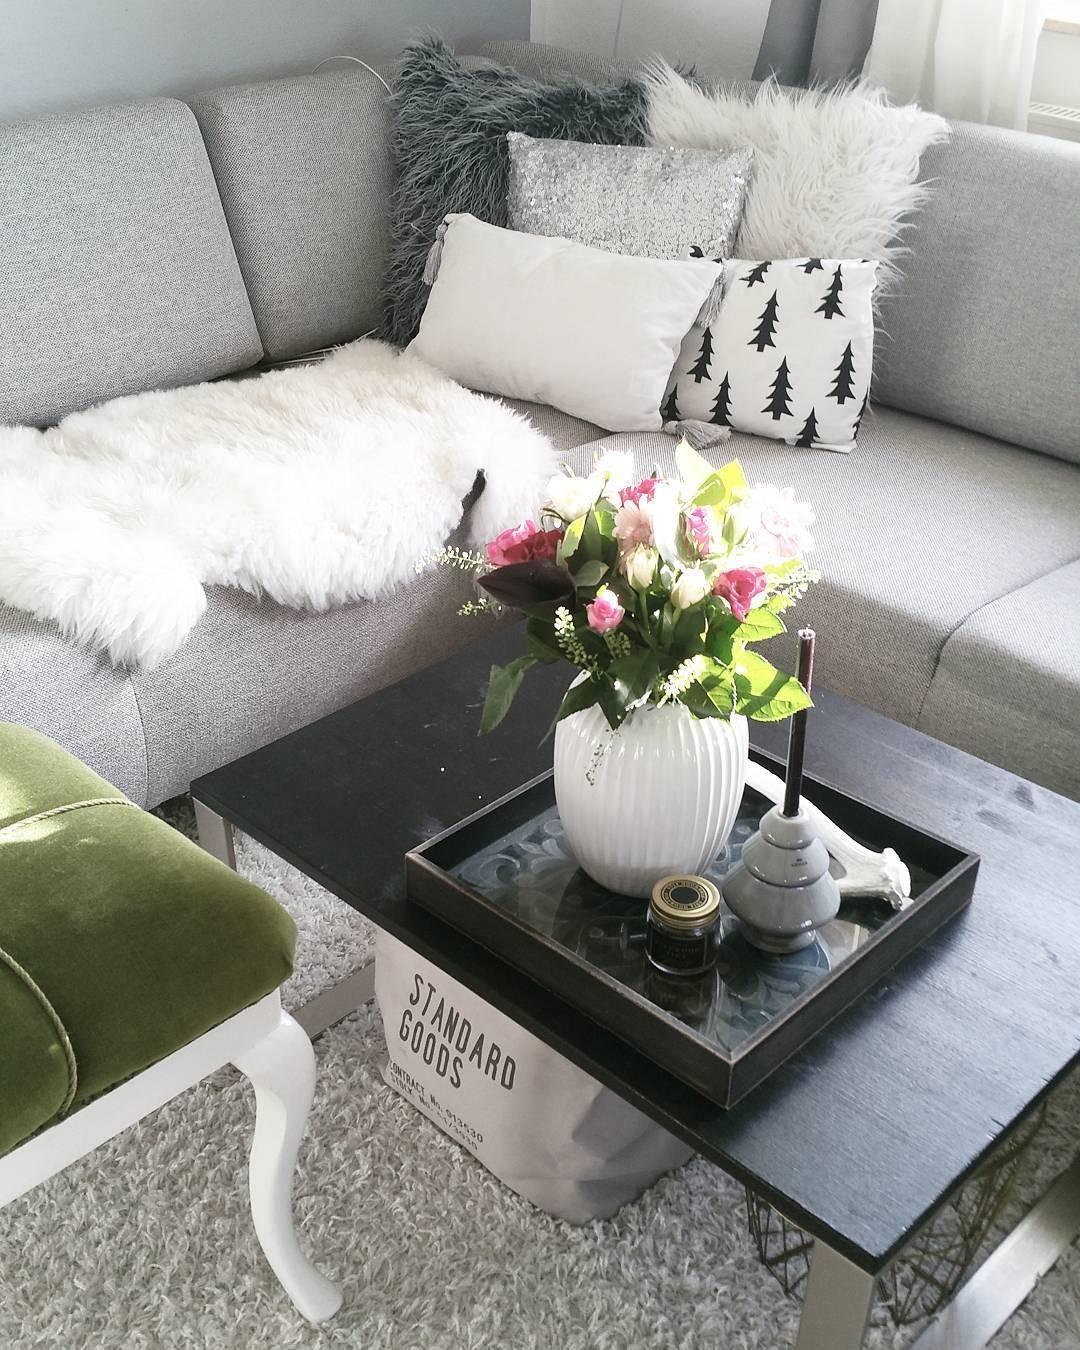 Hervorragend Beautiful Die Vase Hammershi In Strahlenden Wei Passt Perfekt In Dieses  Wohnzimmer Im Monochromen Look Das With Wohnzimmer Ideen Puristisch